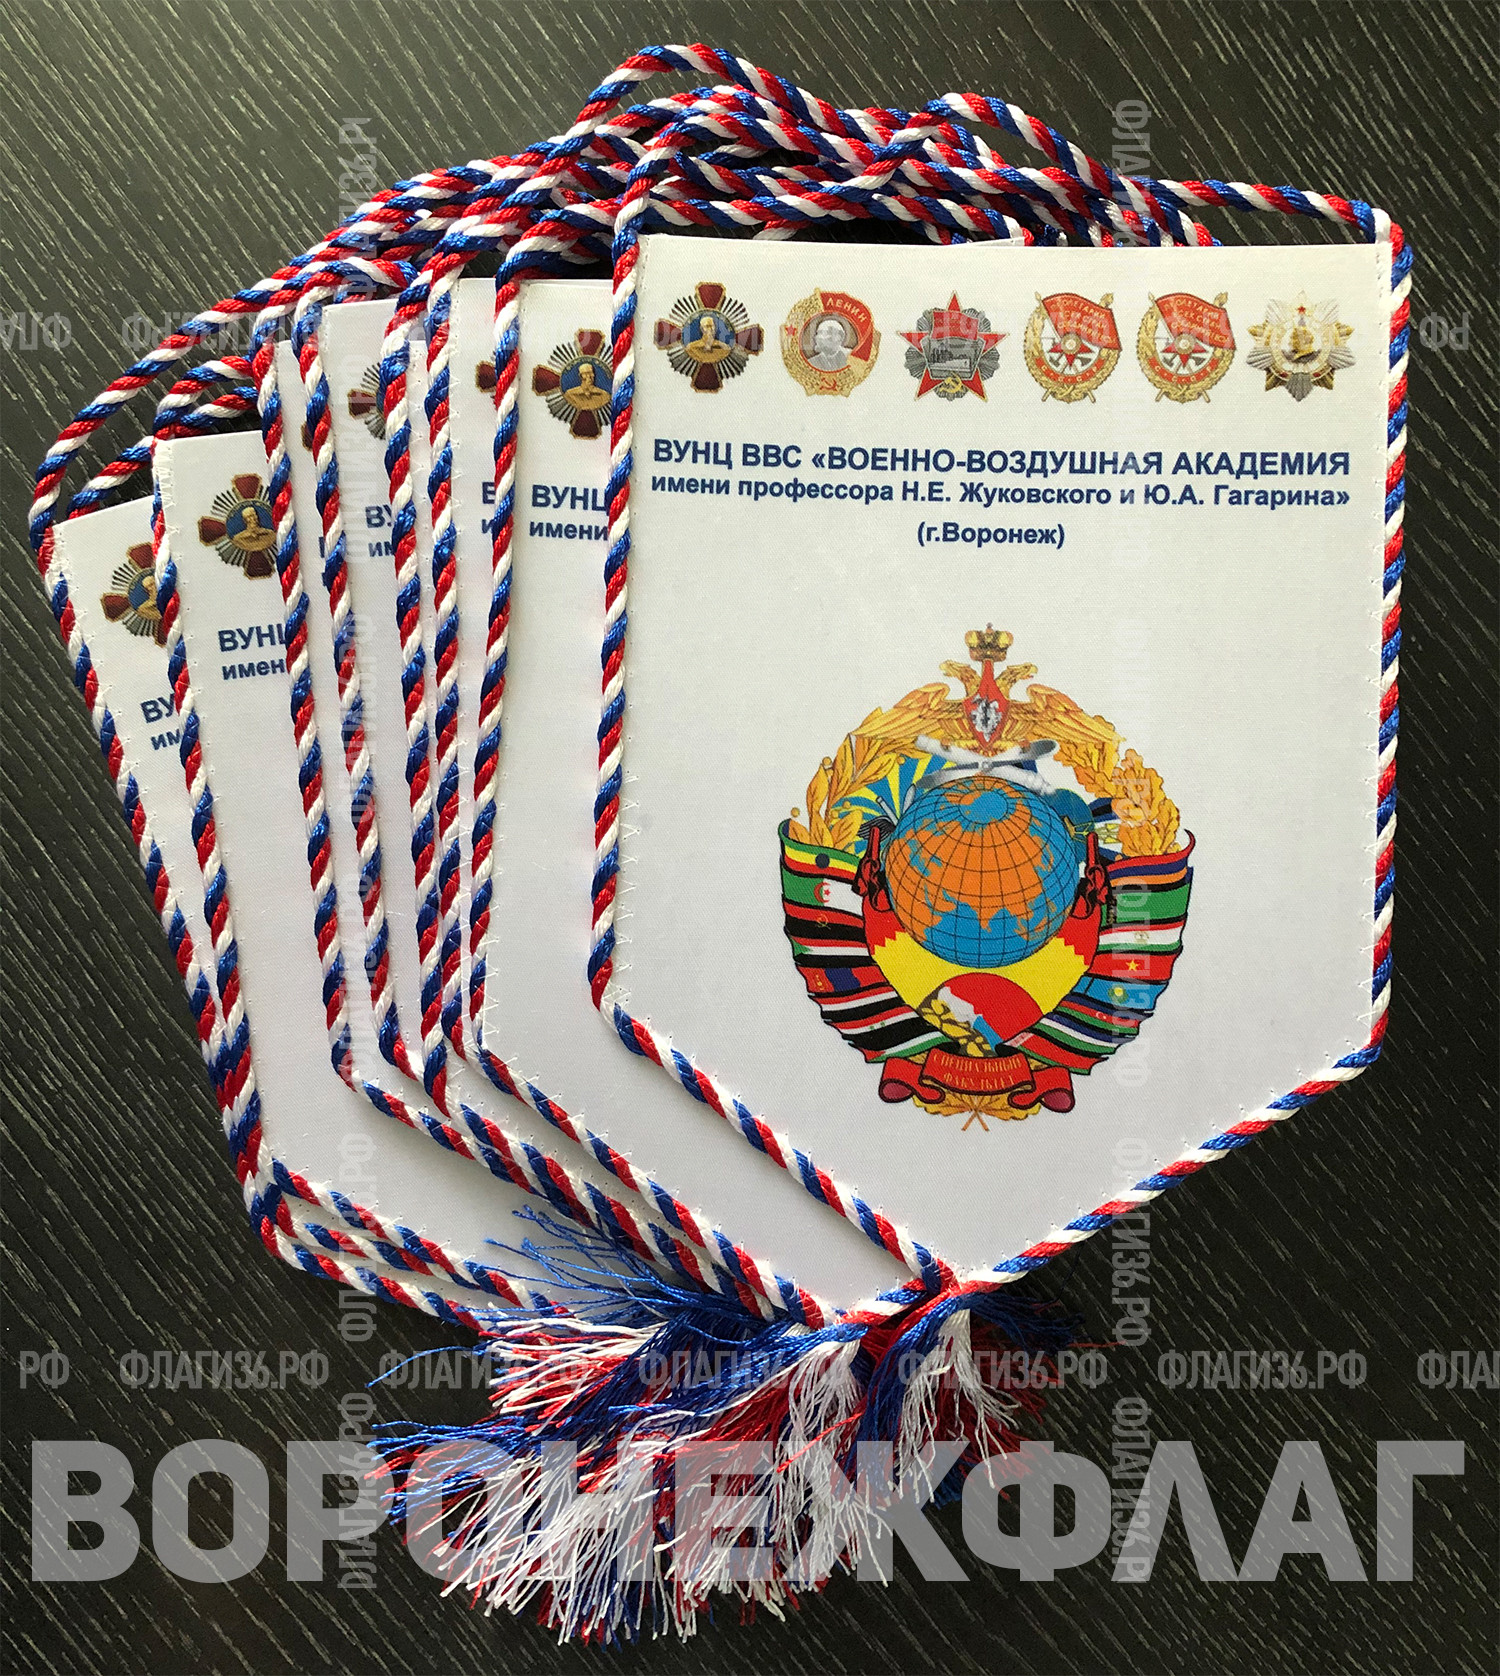 вымпелы-для-военно-воздушной-академии-жуковского-и-гагарина-Воронеж